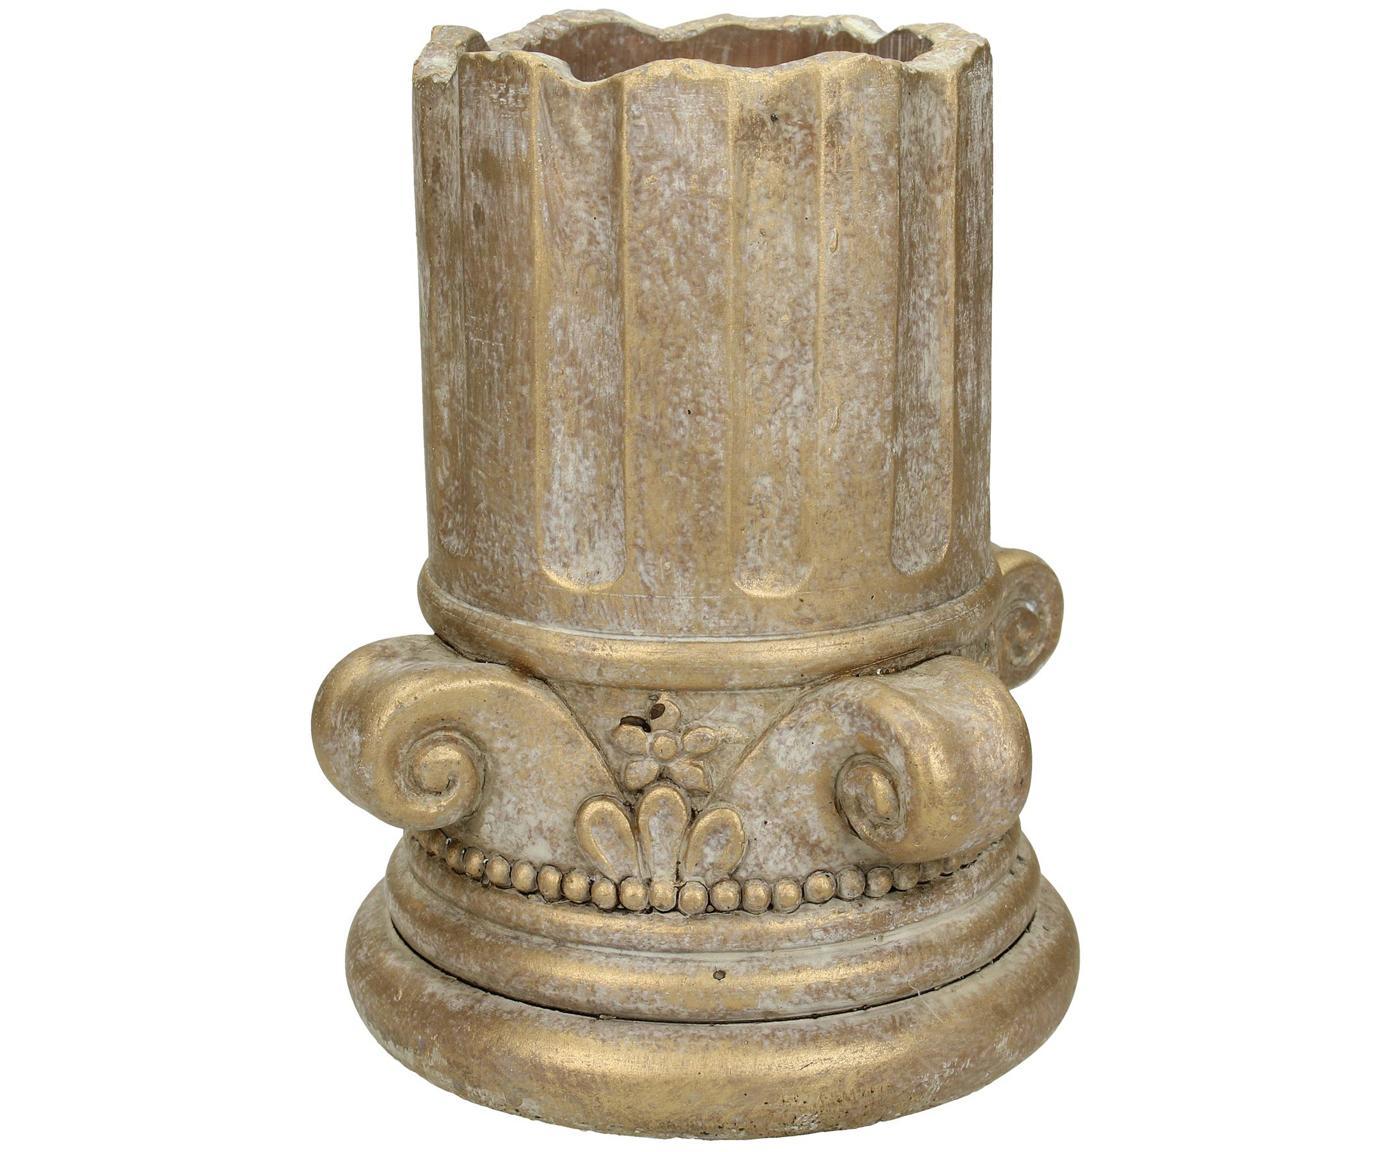 Plantenpot Column, Beton, Goudkleurig met antieke afwerking, Ø 15 cm